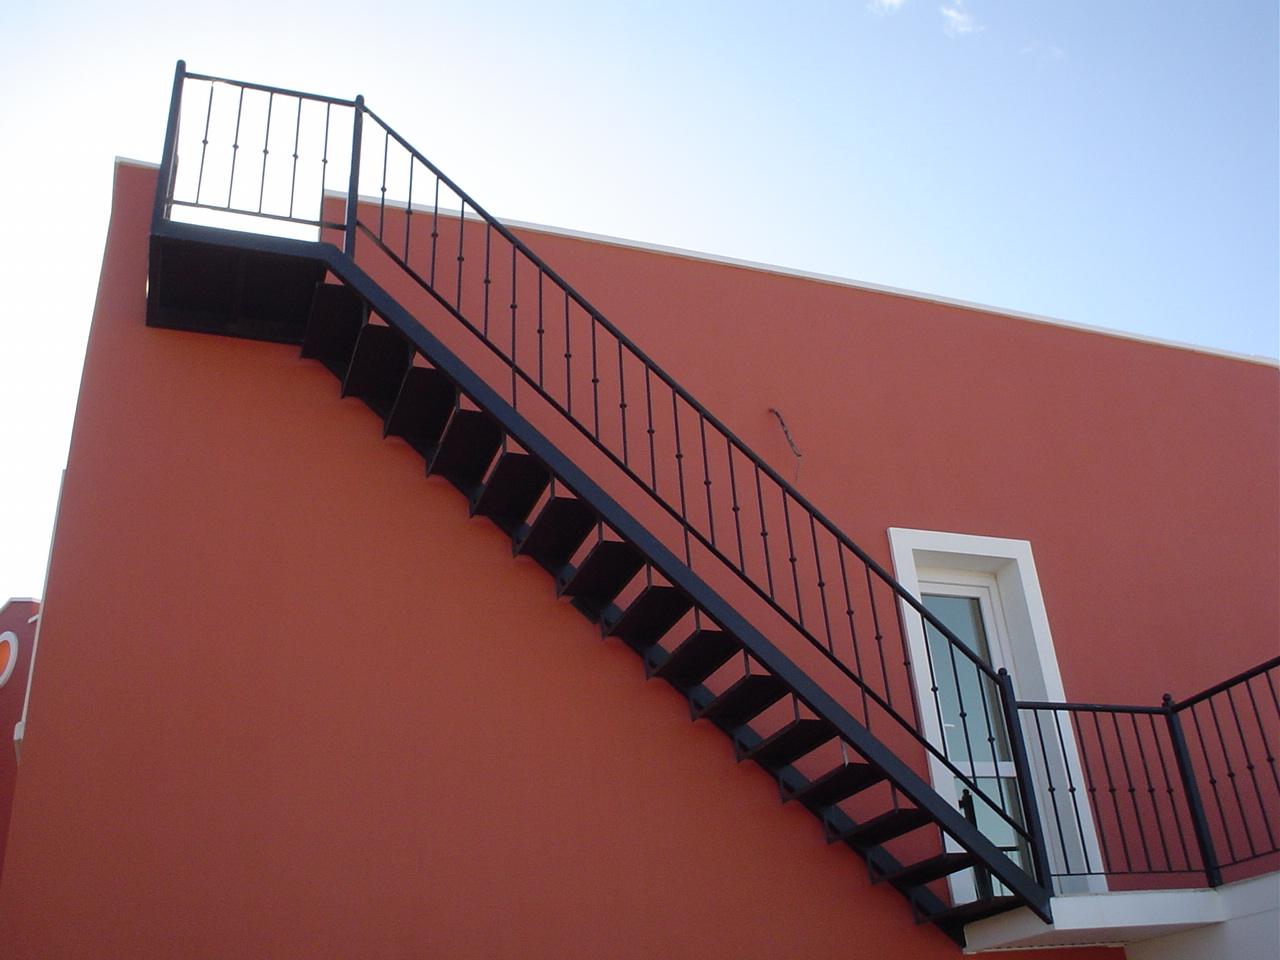 Acero inoxidable tenerife escaleras met licas tenerife for Escaleras de metal para exteriores